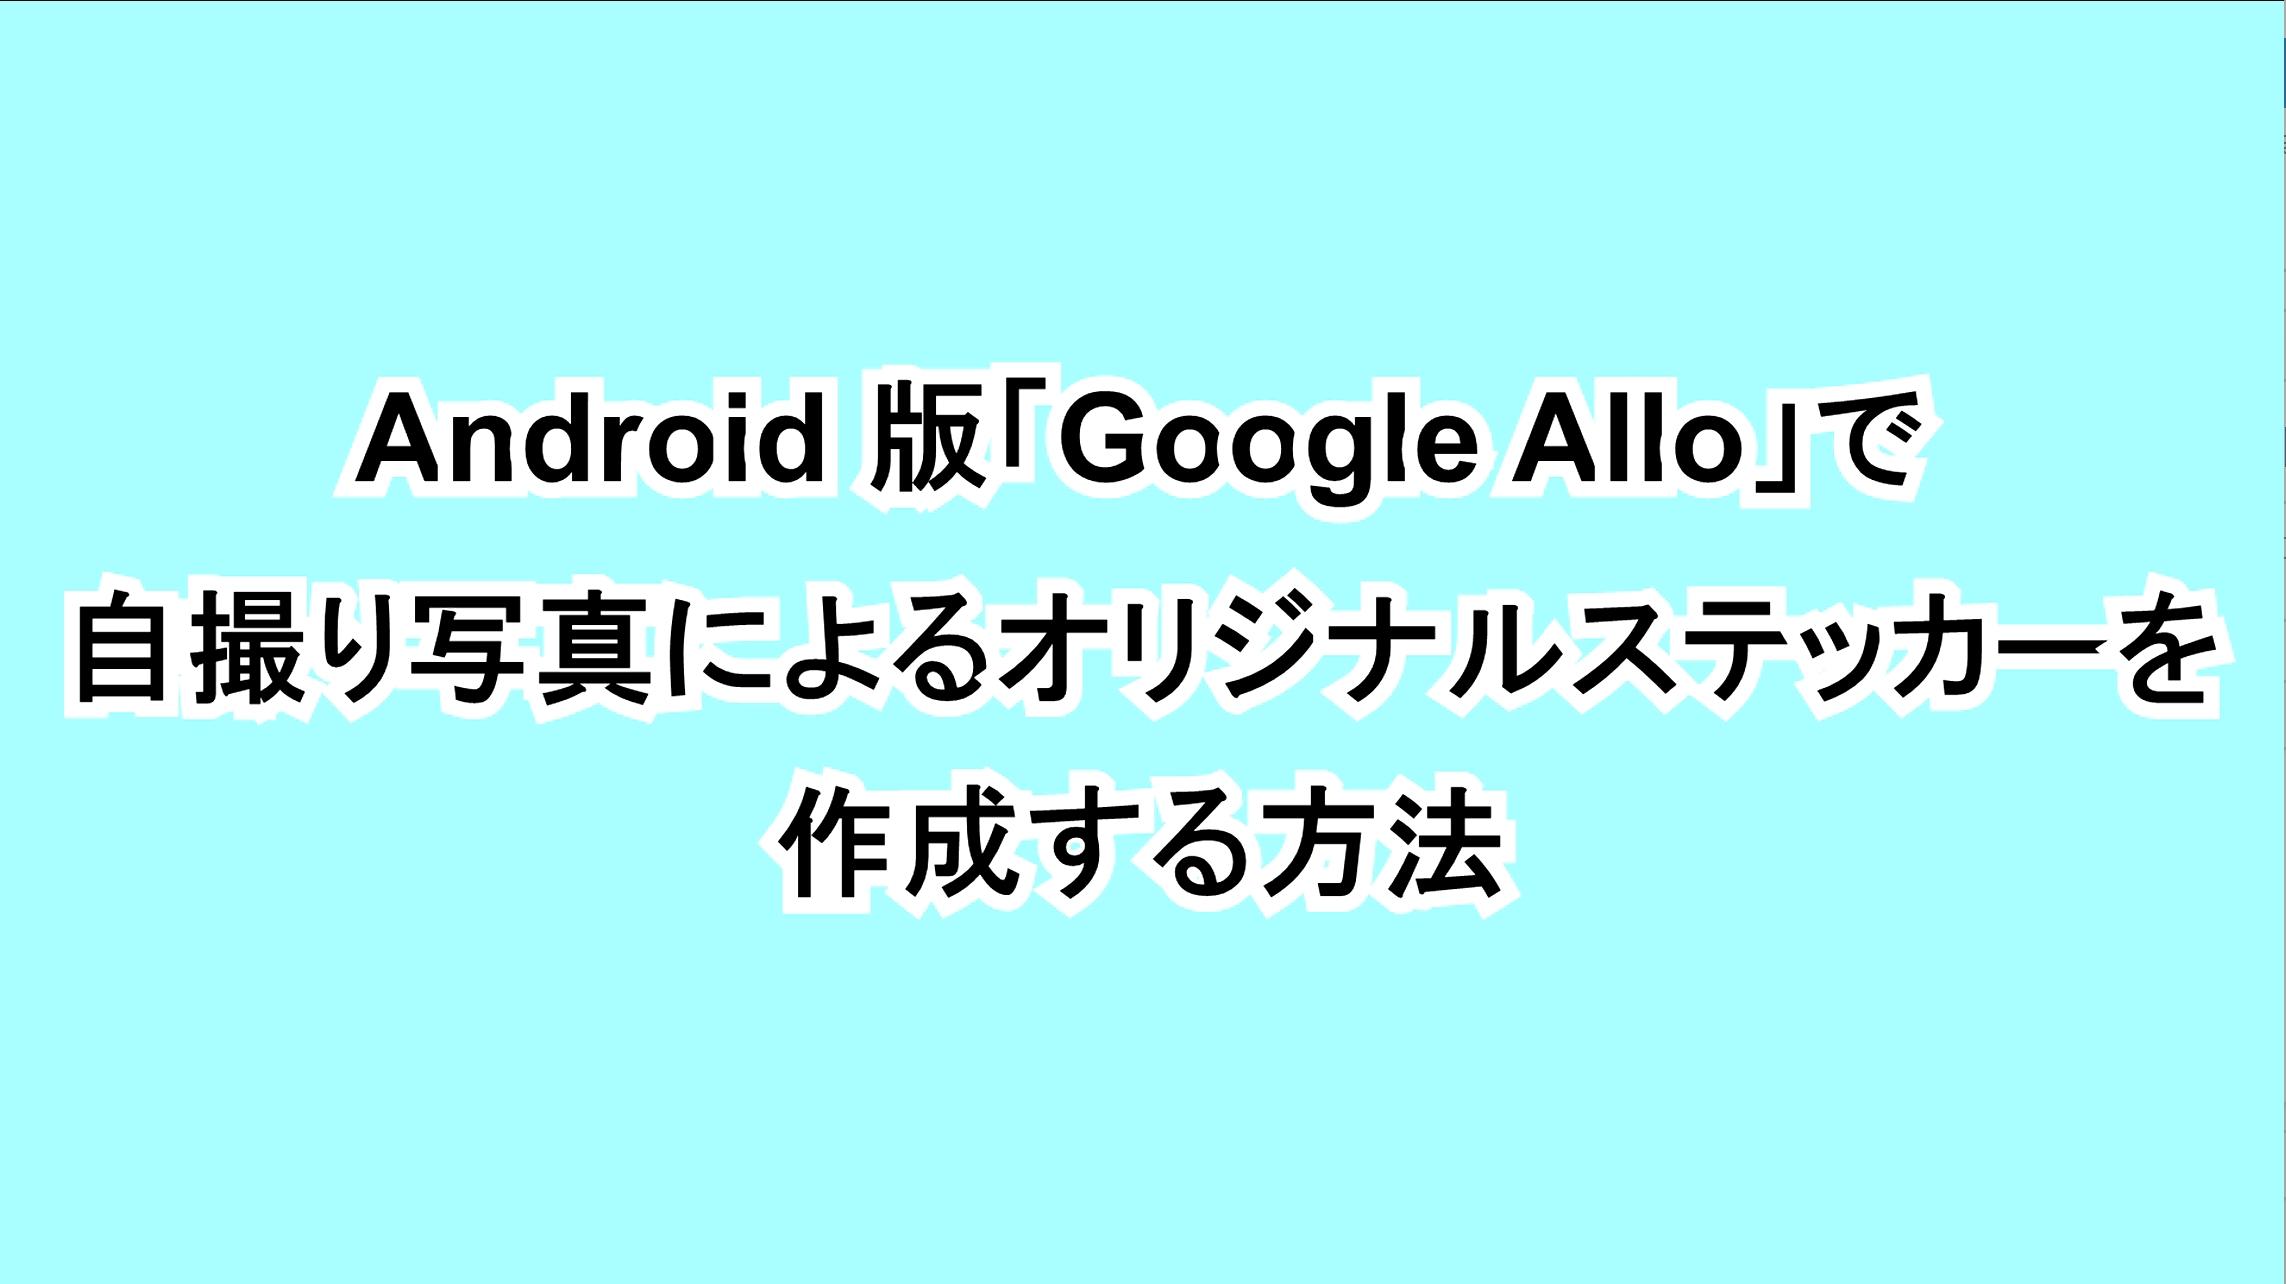 Android版「Google Allo」で自撮り写真によるオリジナルステッカーを作成する方法